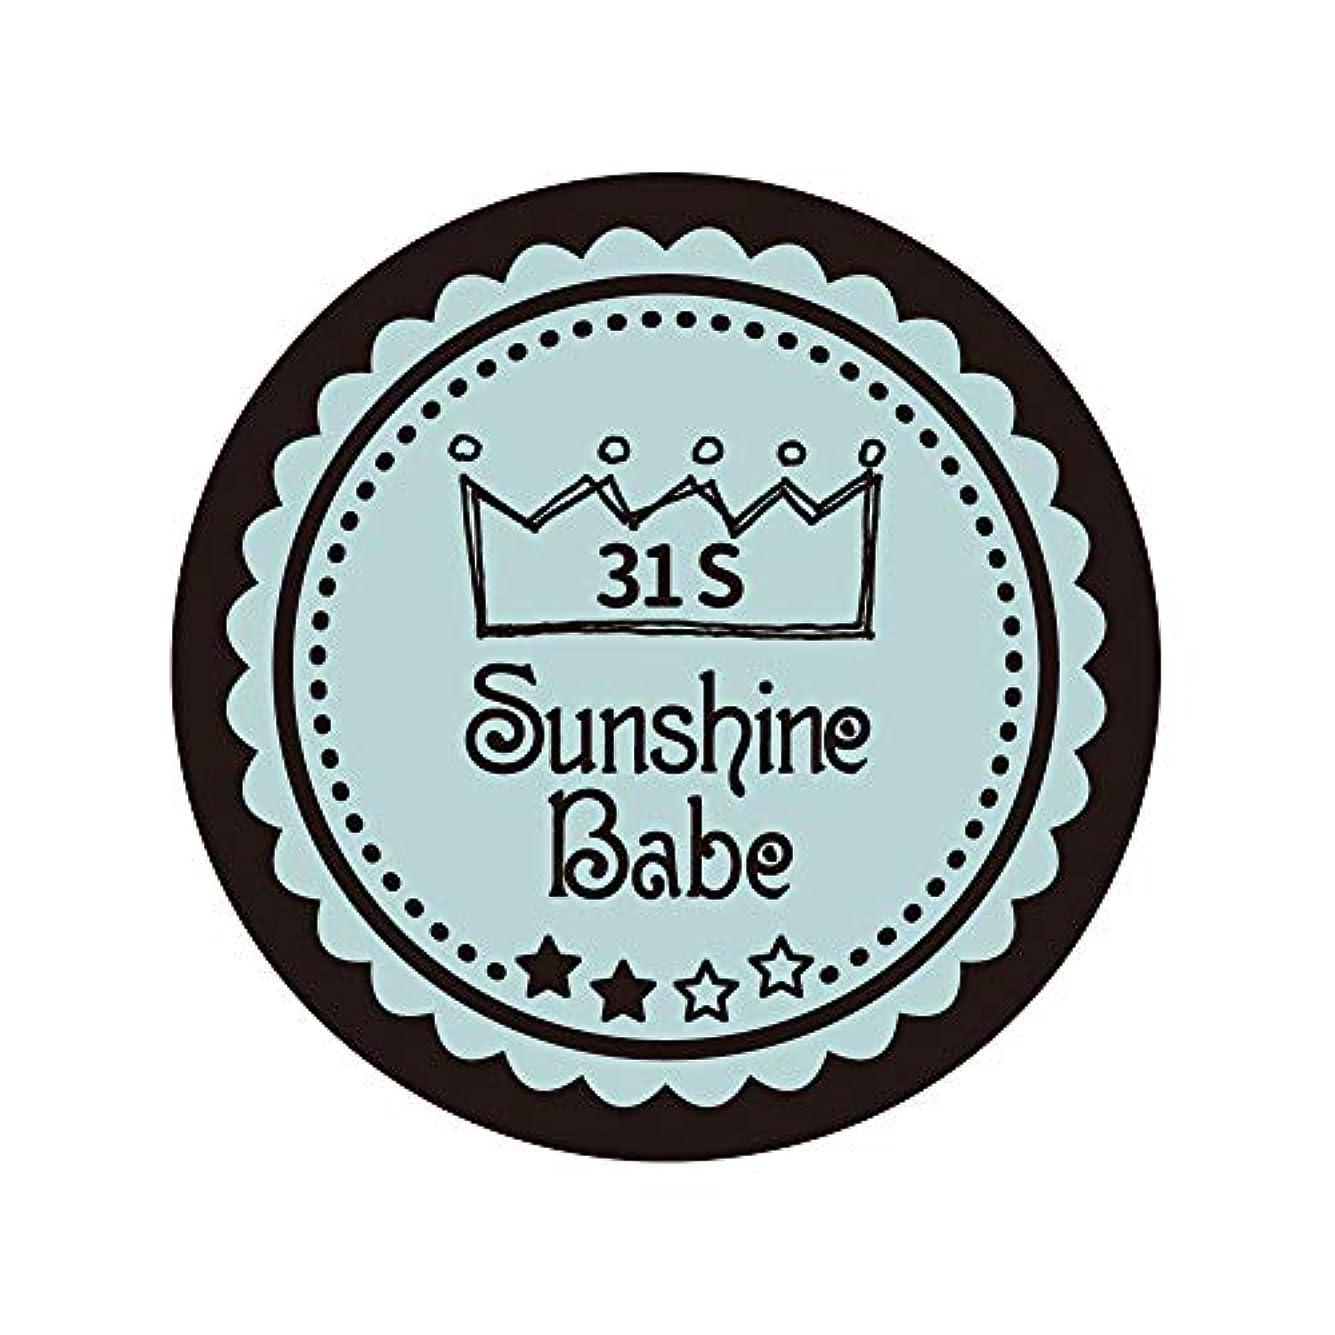 一握りクリーナー宝石Sunshine Babe カラージェル 31S アイスブルー 2.7g UV/LED対応